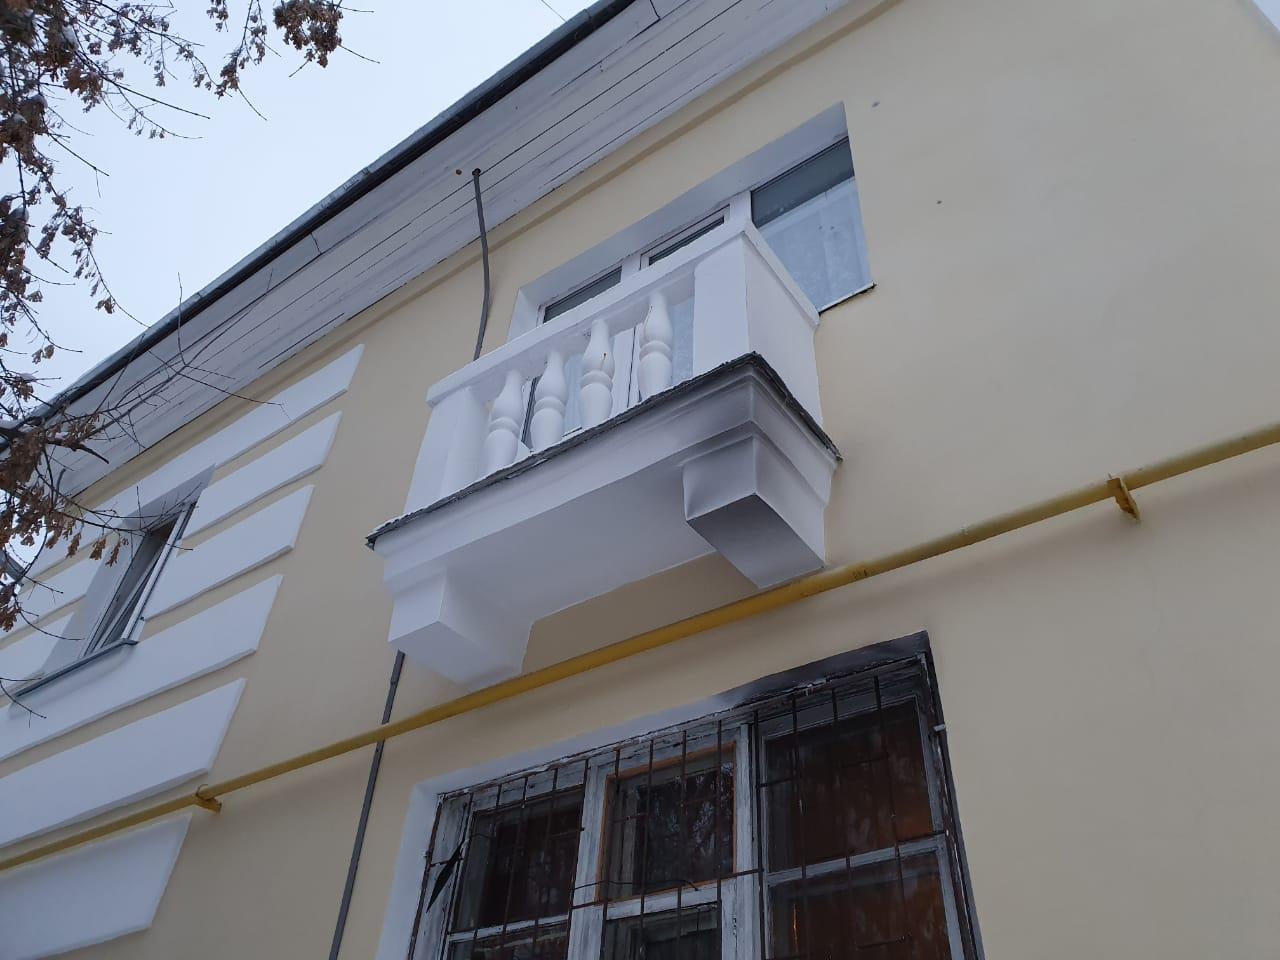 От дыма, валившего из квартиры, снаружи почернел соседский балкон